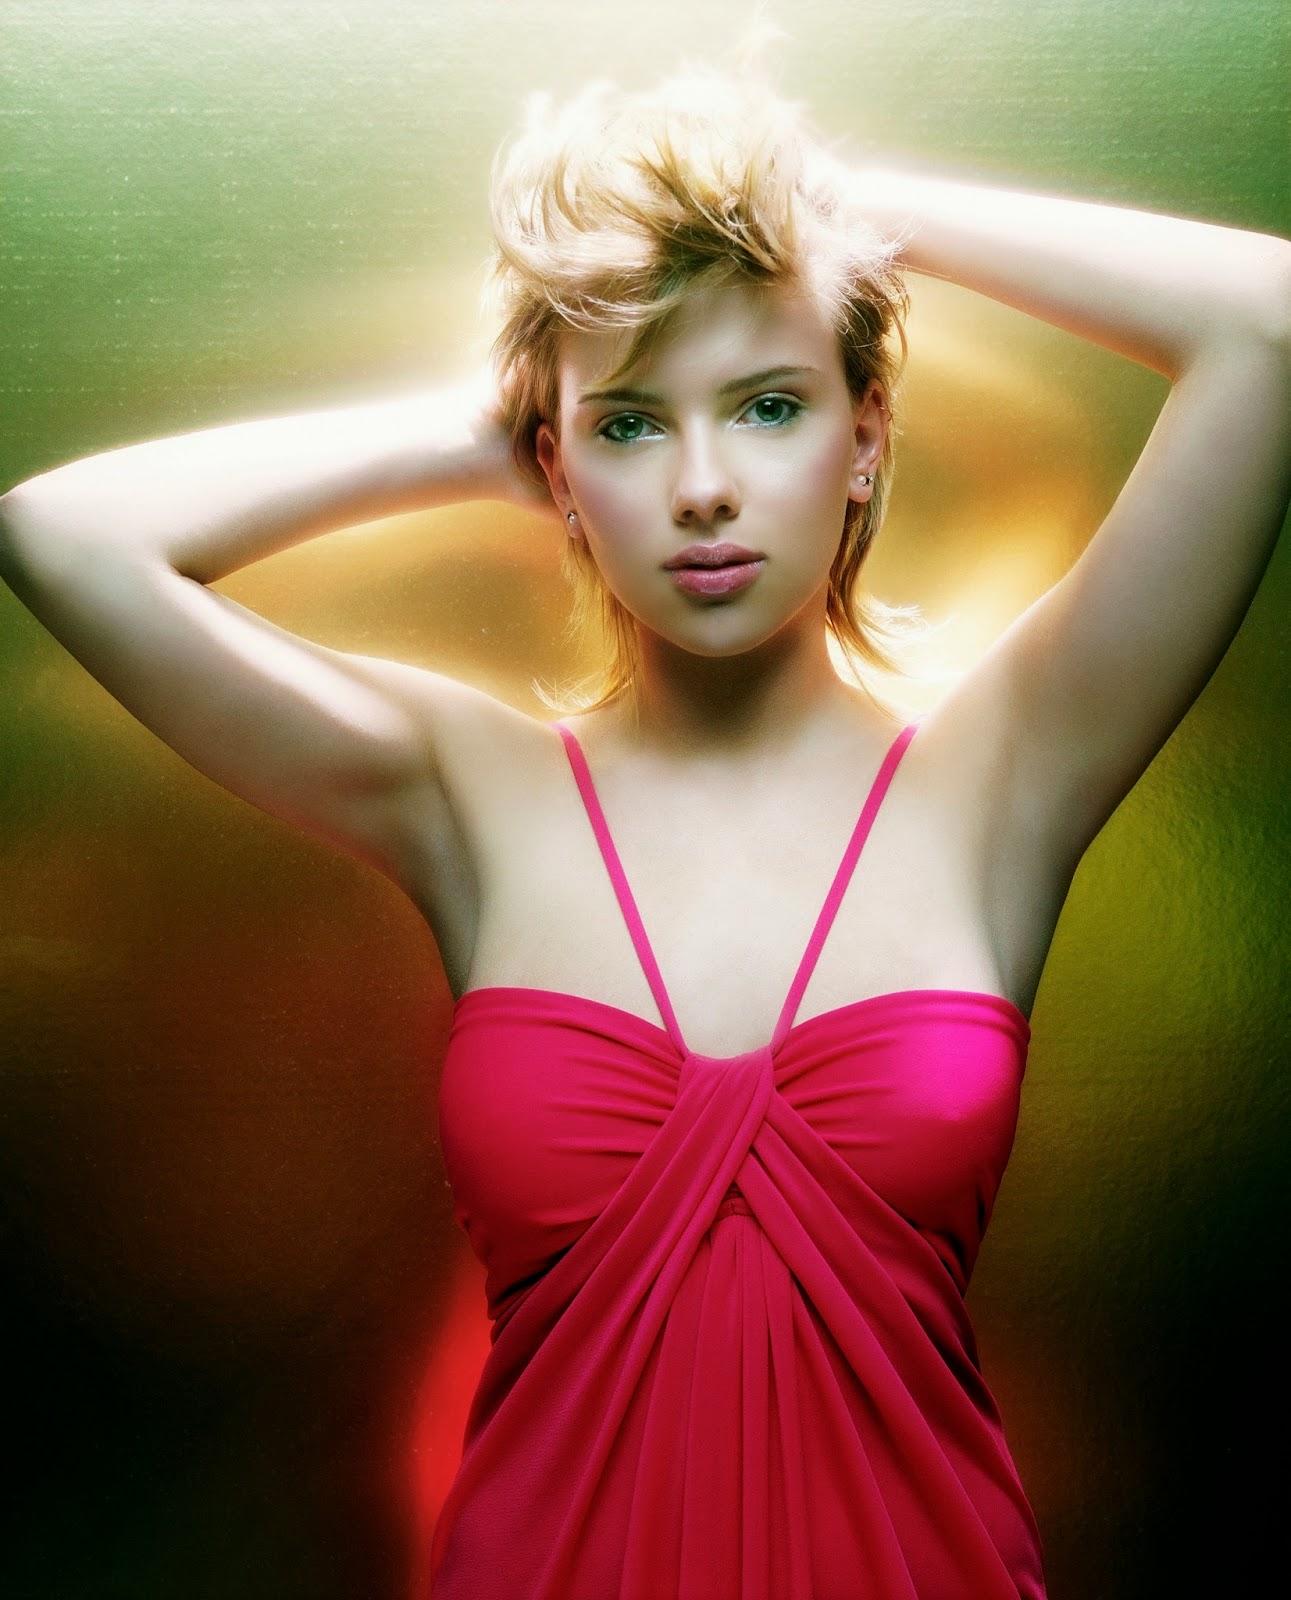 Scarlett johansson creo que el porno, como loc EL